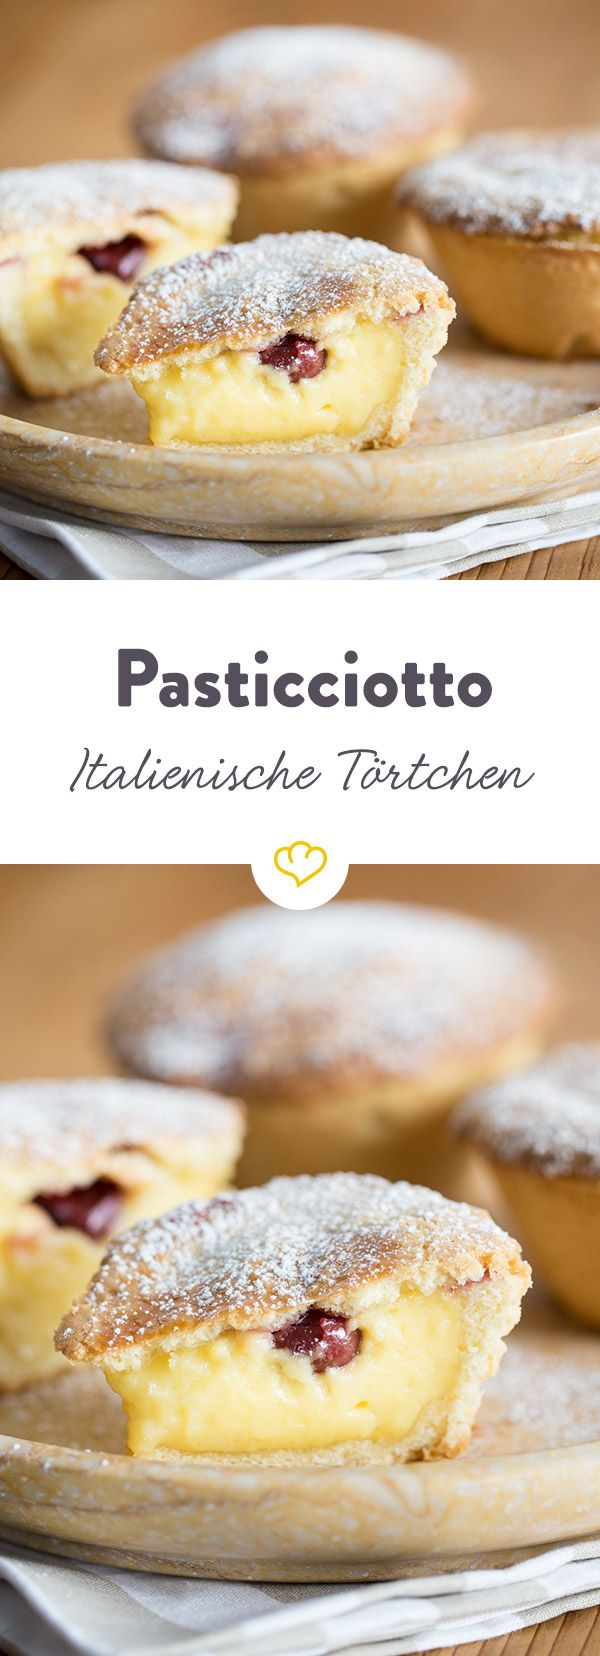 Ein cremiges Törtchen aus dem Süden Italiens - mit Sauerkirschen verfeinert, wird es zu einem fruchtigen Vergnügen. Probier es gleich aus!